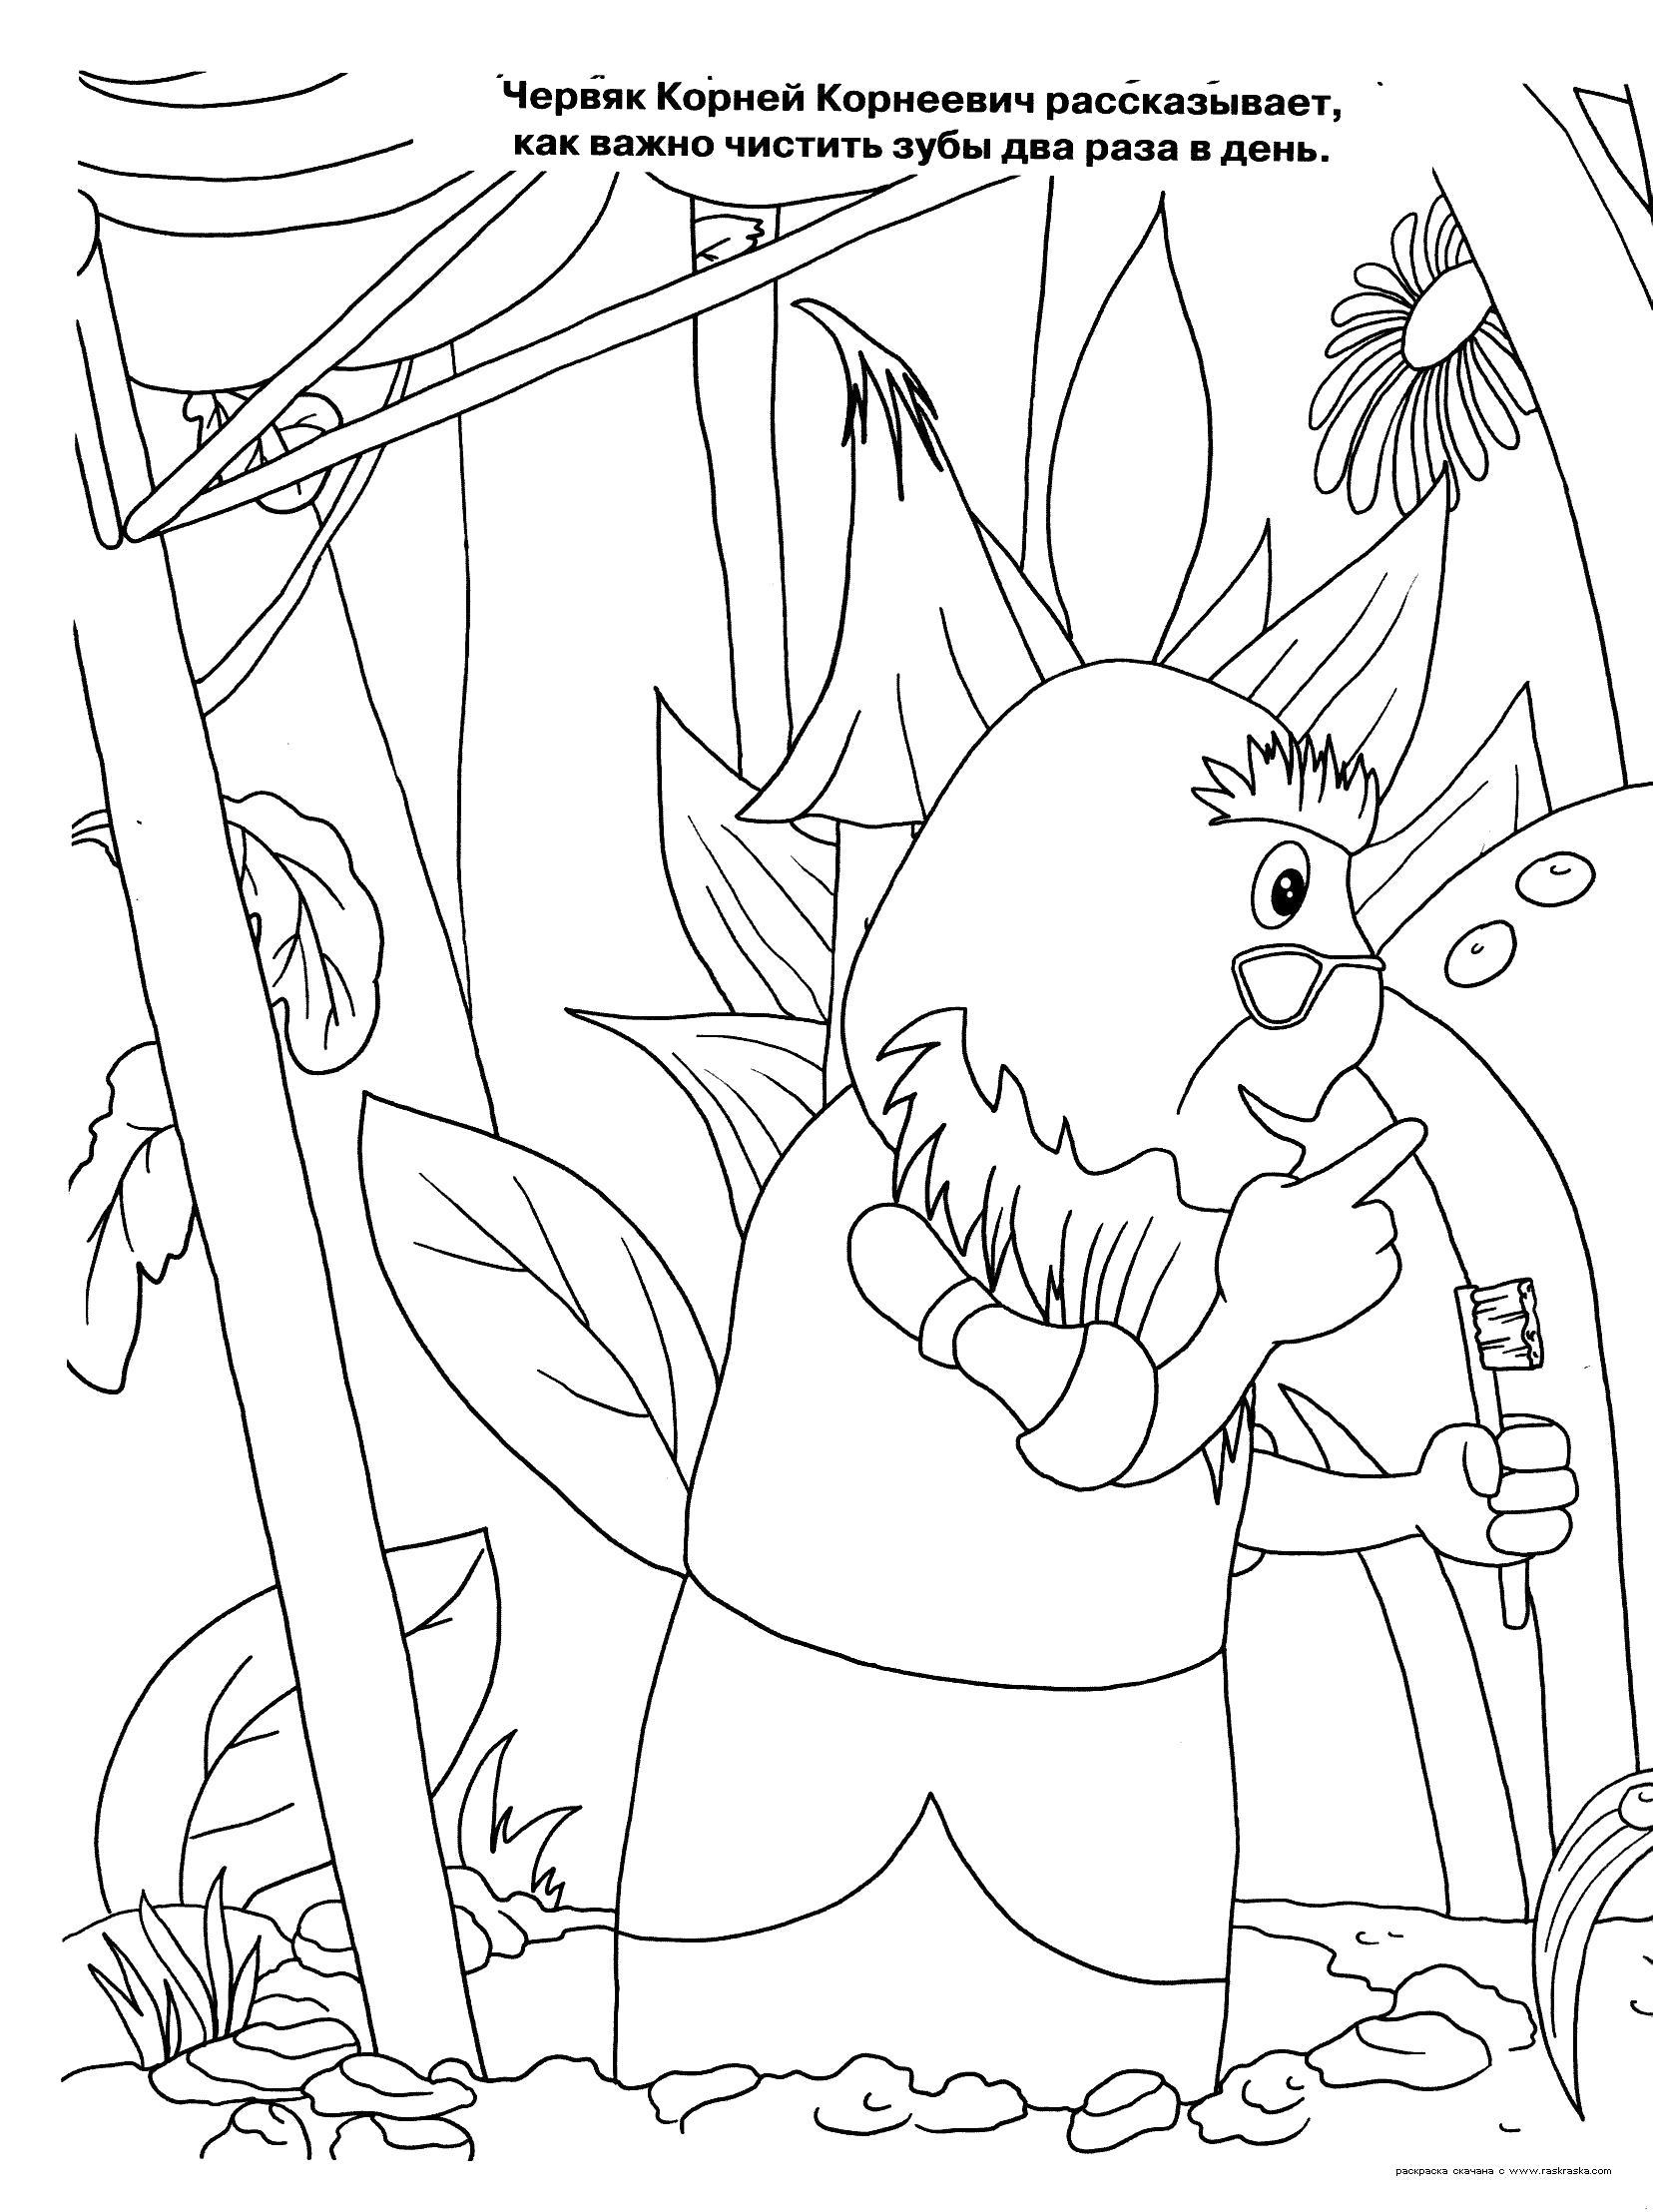 Раскраска  Корней Корнеевич.  Червяк Корней Корнеевич объясняет Лунтику, Миле и Кузе откуда на траве появляется роса, картинки из мультфильма про Лунтика для раскрашивания детьми. Скачать Корней Корнеевич.  Распечатать Лунтик